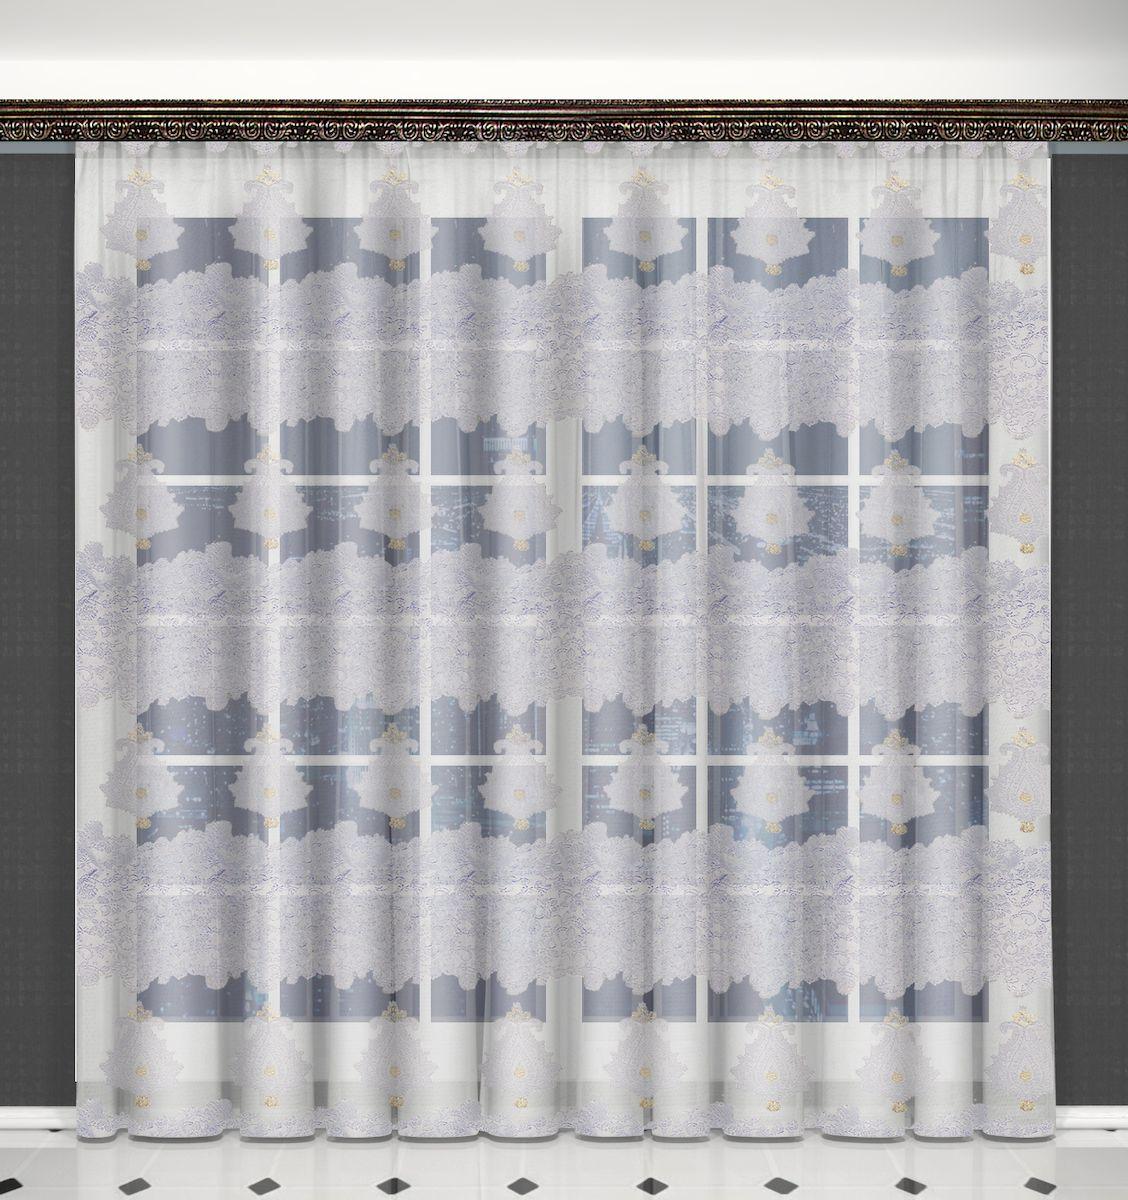 Тюль Zlata Korunka, на ленте, цвет: белый, золотистый, высота 270 см. 5562955629Тюль Zlata Korunka, изготовленный из полиэстера, великолепно украсит любое окно. Воздушная ткань и оригинальный орнамент привлекут к себе внимание и органично впишутся в интерьер помещения. Полиэстер - вид ткани, состоящий из полиэфирных волокон. Ткани из полиэстера - легкие, прочные и износостойкие. Такие изделия не требуют специального ухода, не пылятся и почти не мнутся. Тюль крепится на карниз при помощи ленты, которая поможет красиво и равномерно задрапировать верх. Такой тюль идеально оформит интерьер любого помещения.